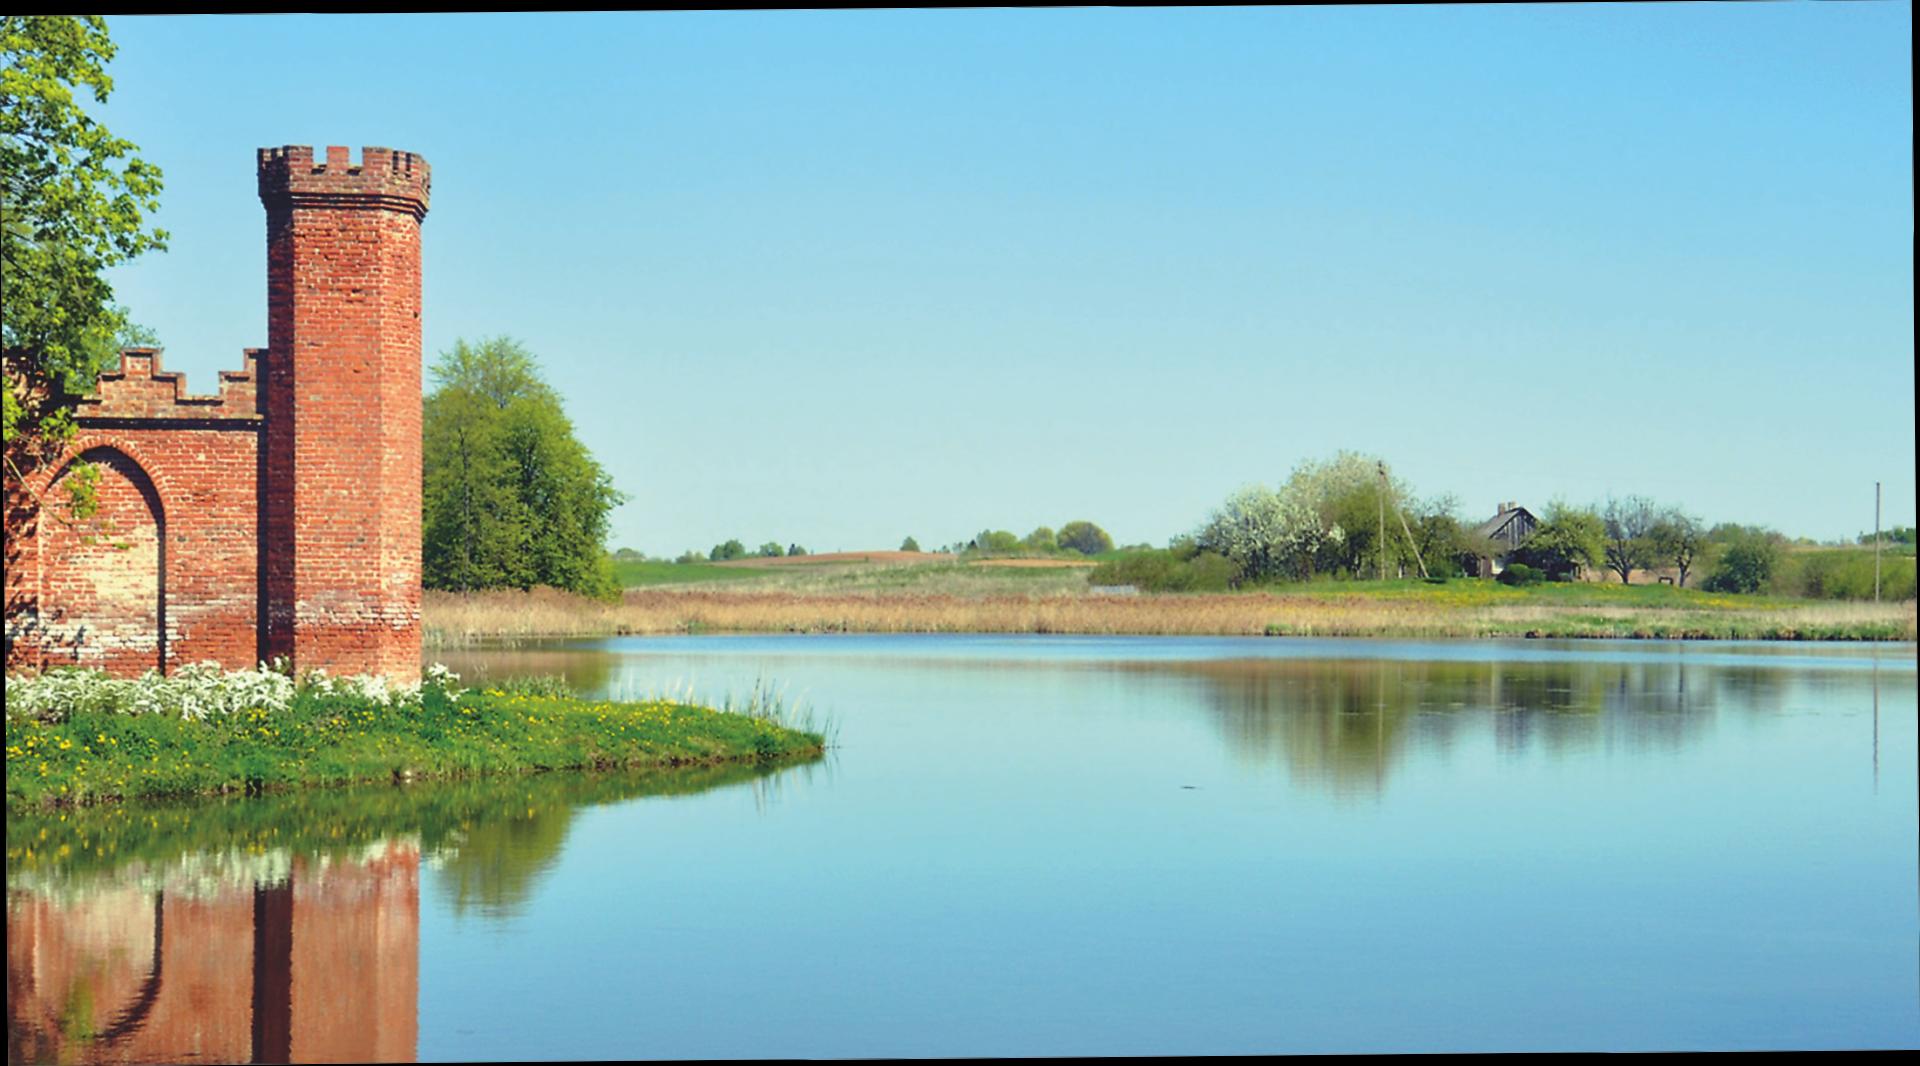 Wasserflächen und historisierende Gebäude gehören zum Landschaftspark des litauischen Guts.